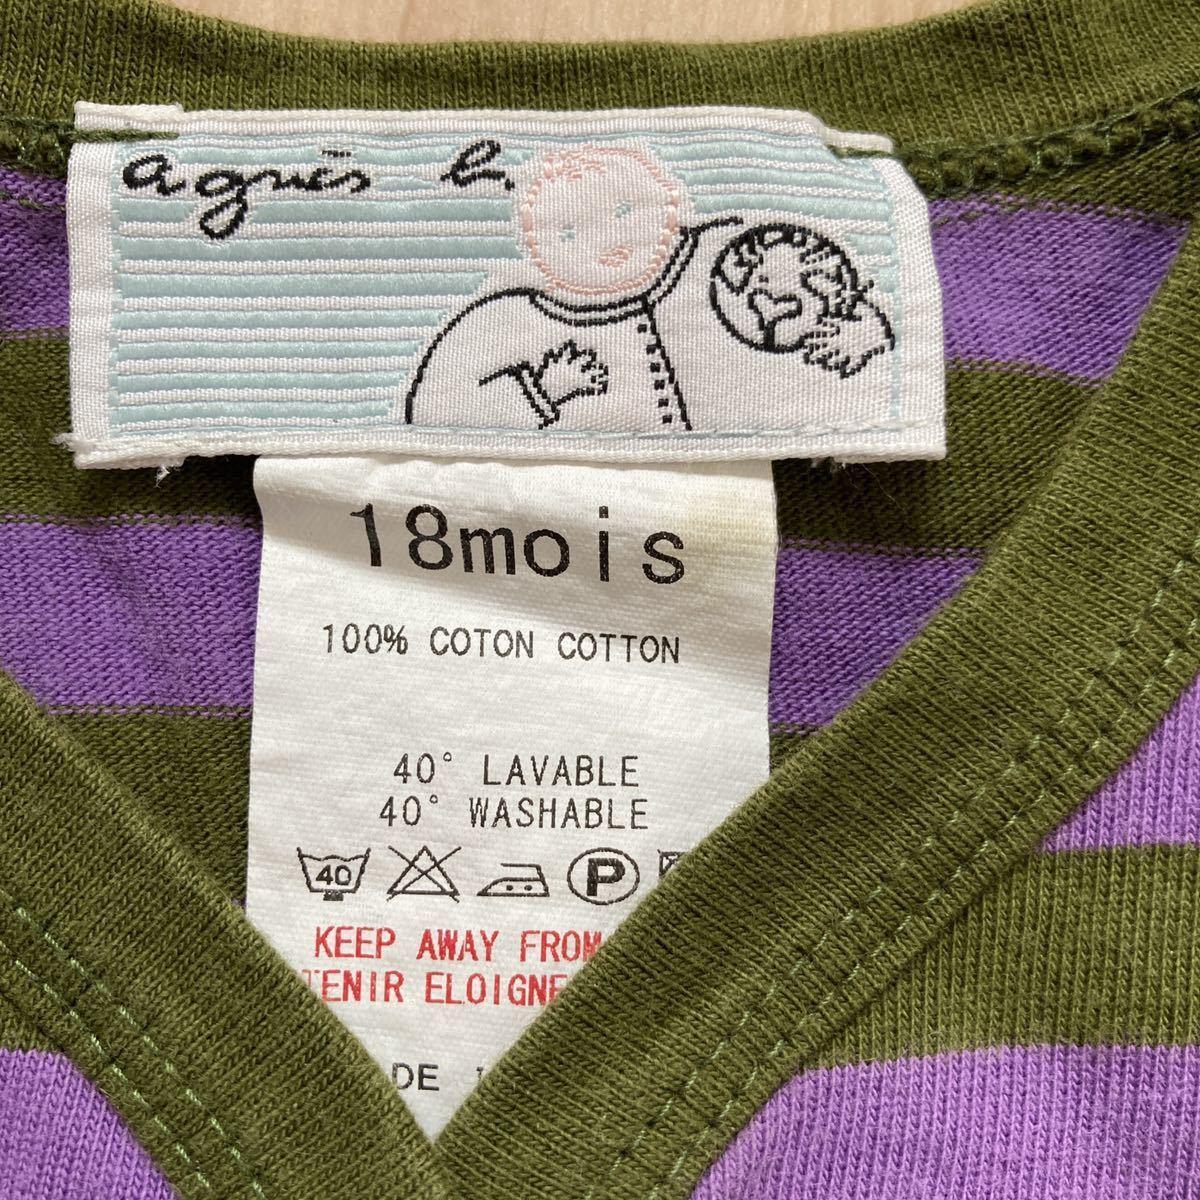 ワンピース アニエス・ベー agnes b 18mois 80cm ボーダー ボーダーワンピース 長袖